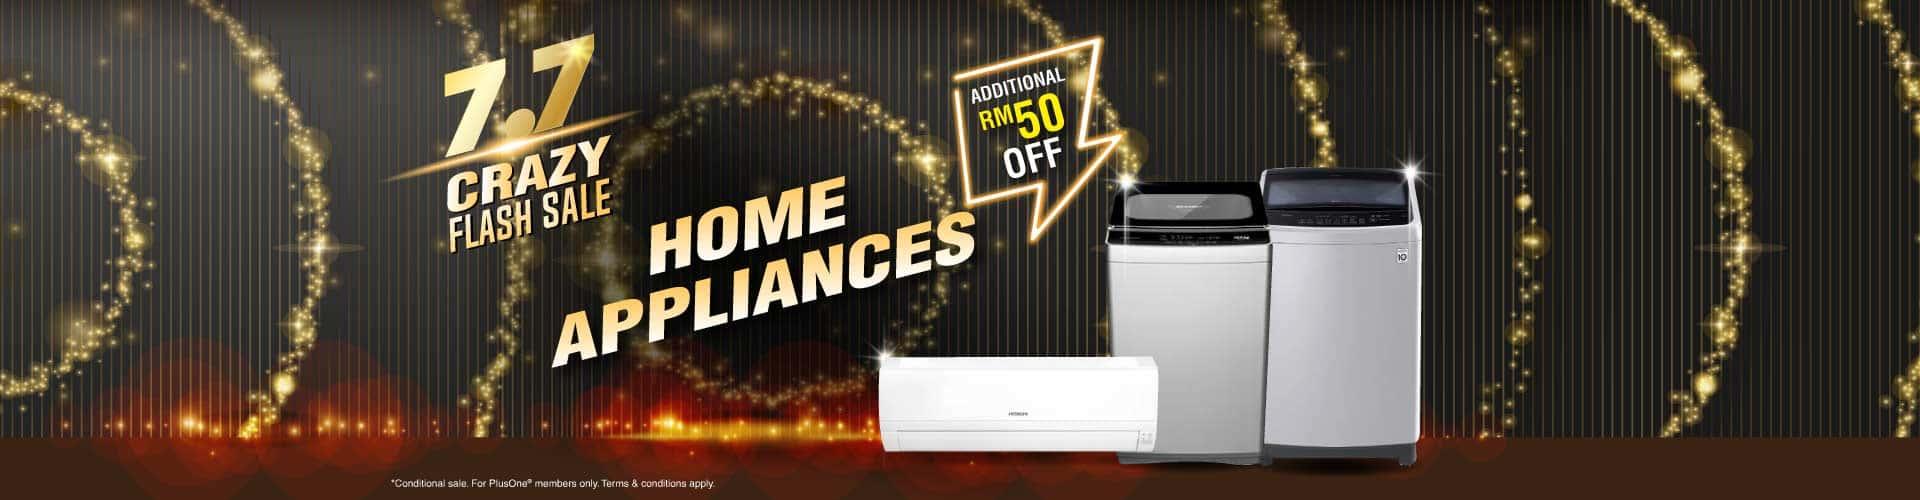 7.7 home appliances